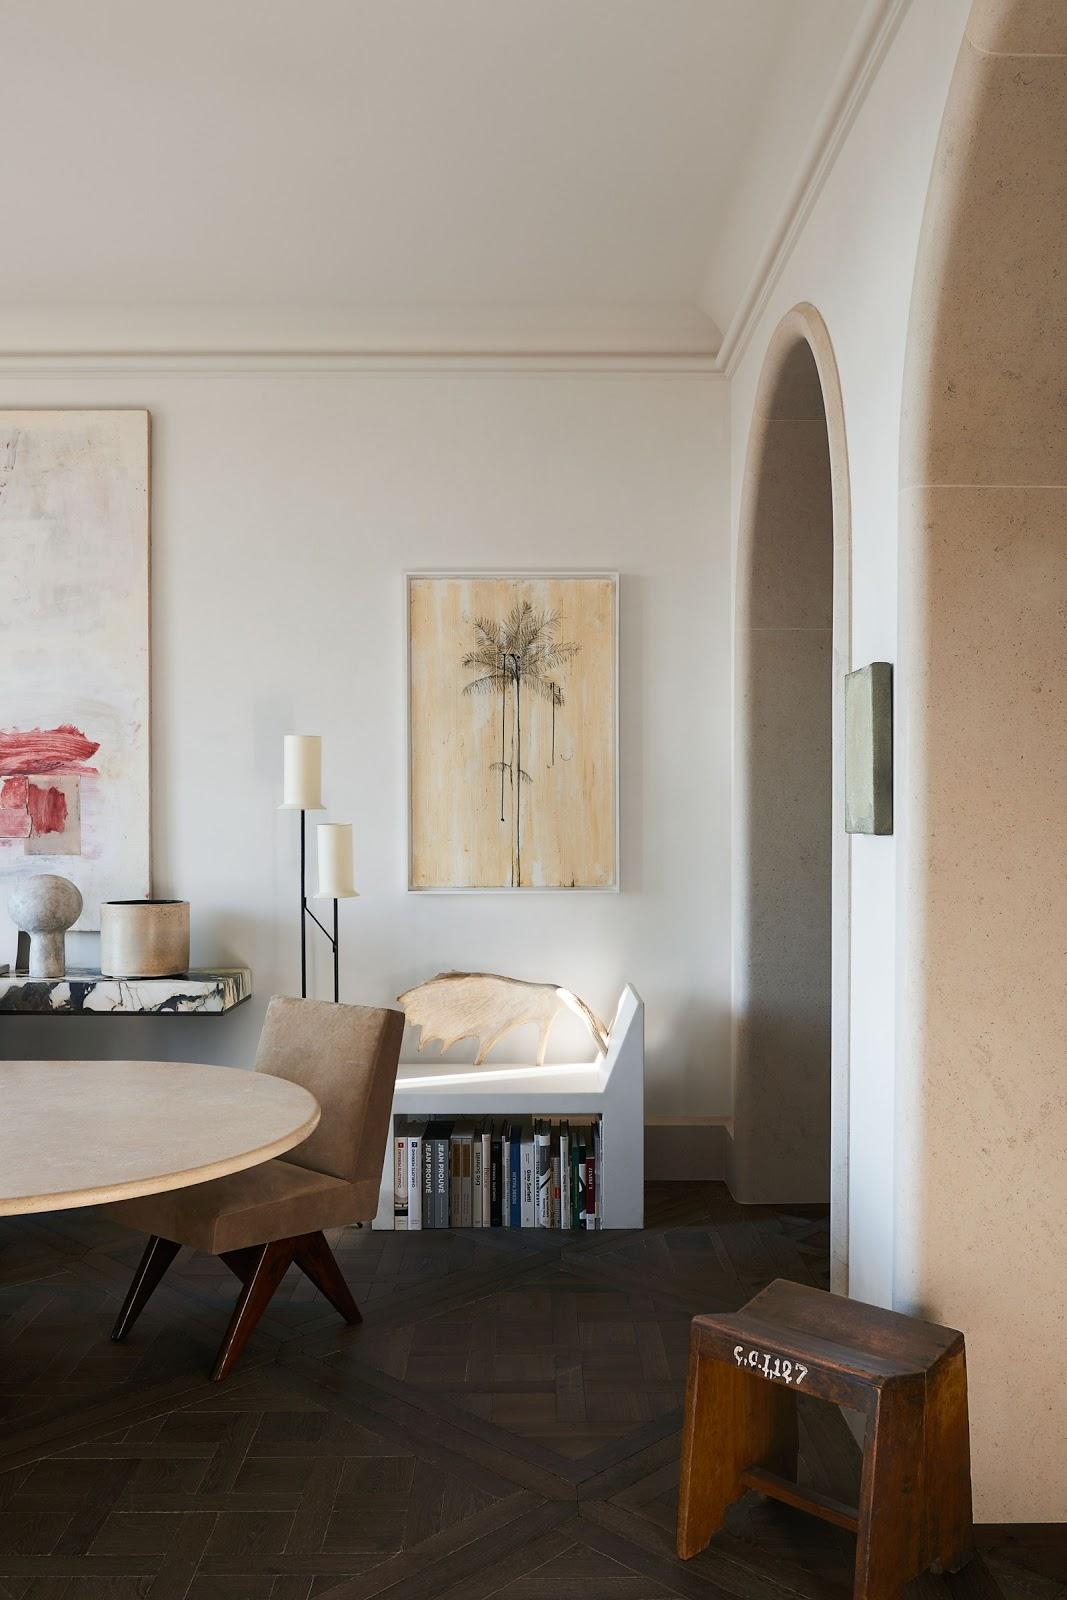 Décor Inspiration: Joseph Dirand's New Paris Apartment